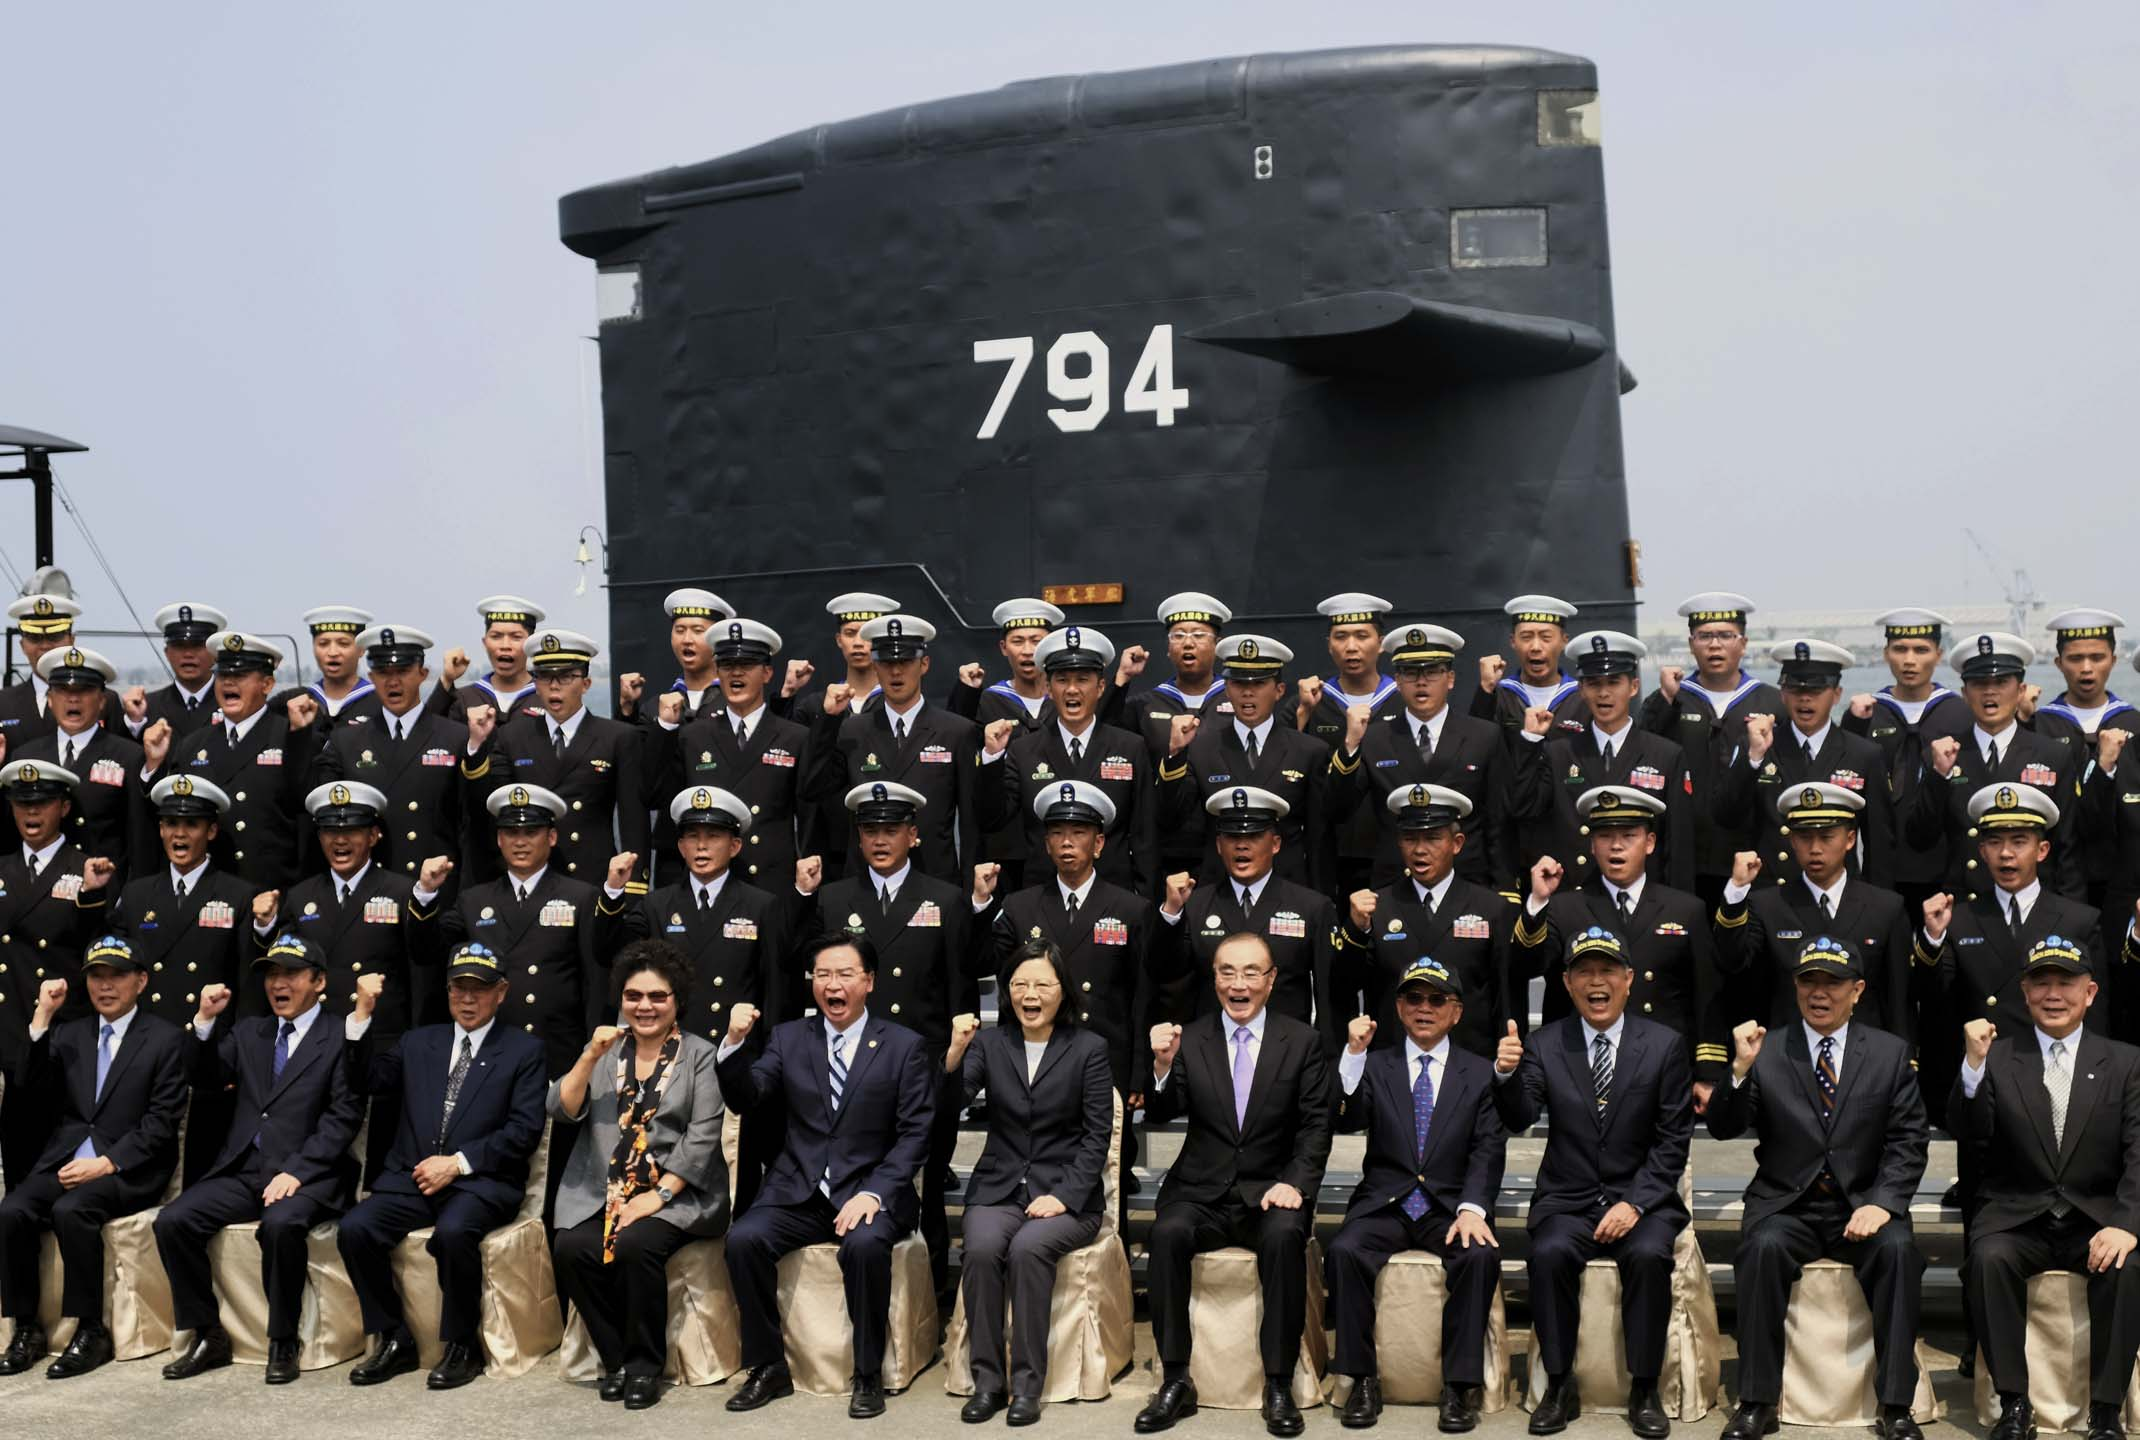 2017年3月21日,台灣總統蔡英文親自主持「潛艦國造設計啟動暨合作備忘錄簽署儀式」。